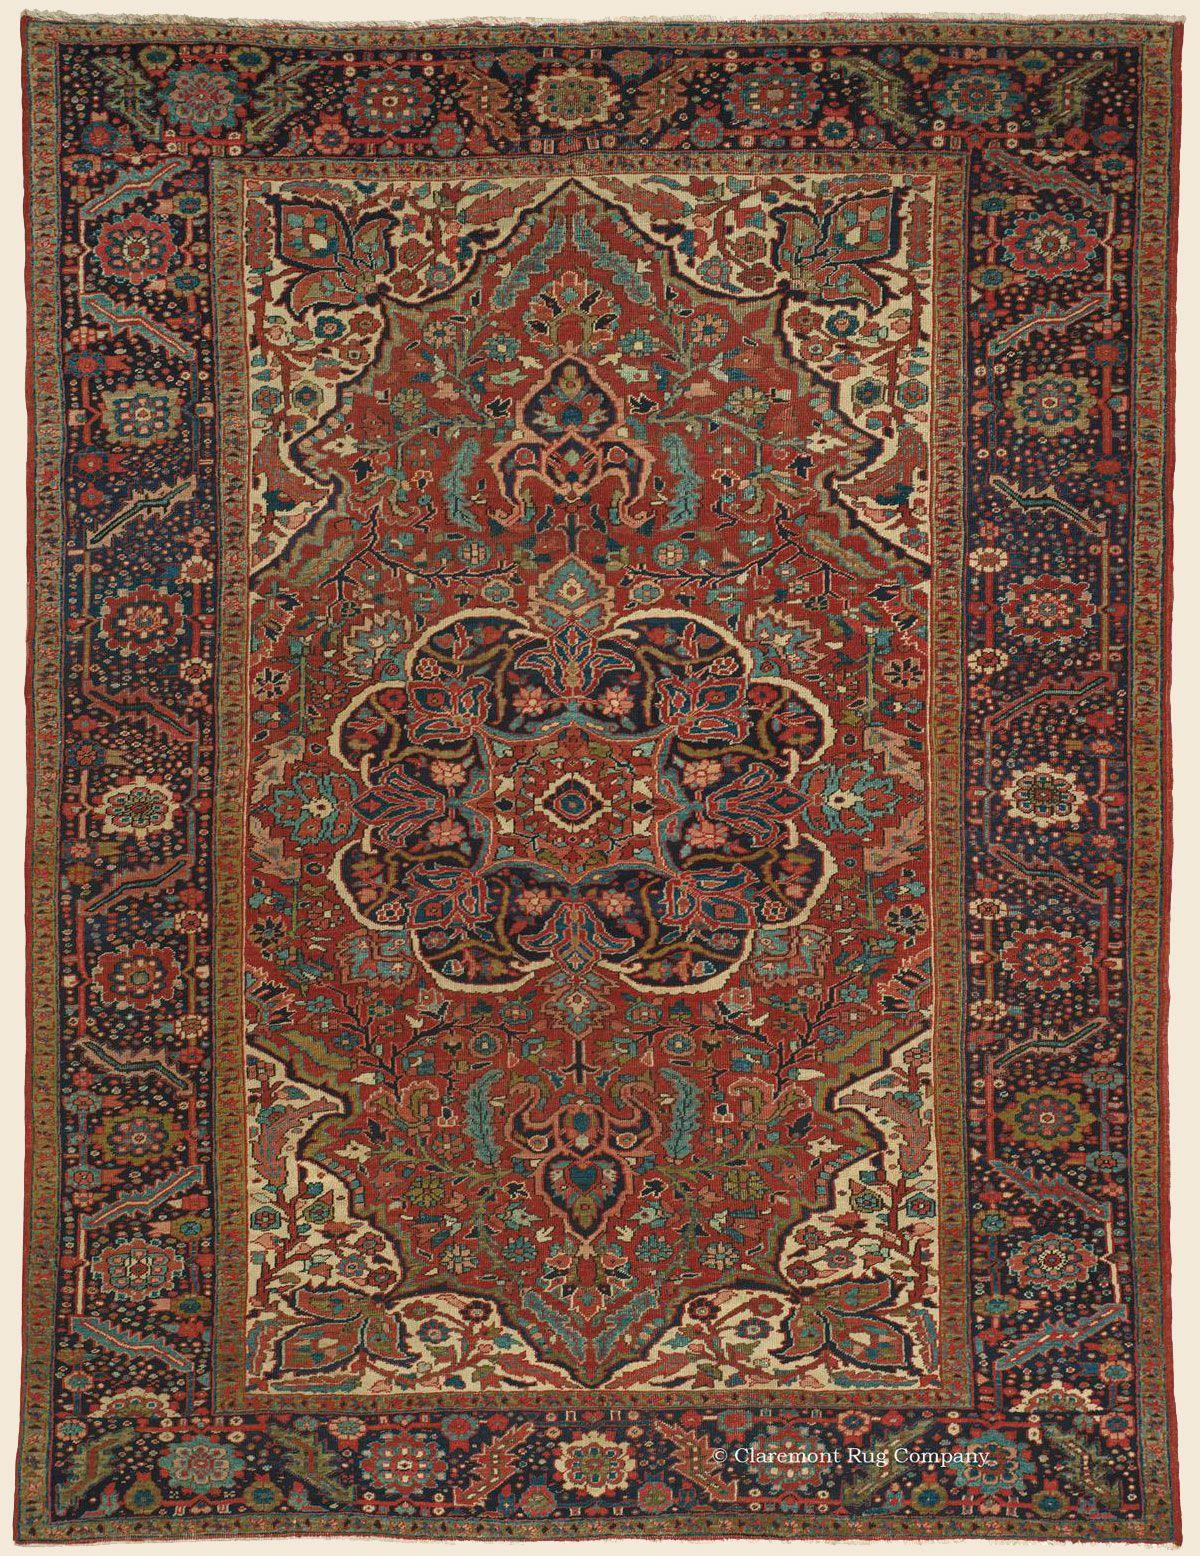 Ahar Heriz 8 6 X 11 3 Circa 1910 Price 9 500 Northwest Persian Antique Rug Claremont Ru Antique Persian Carpet Claremont Rug Company Carpet Runner